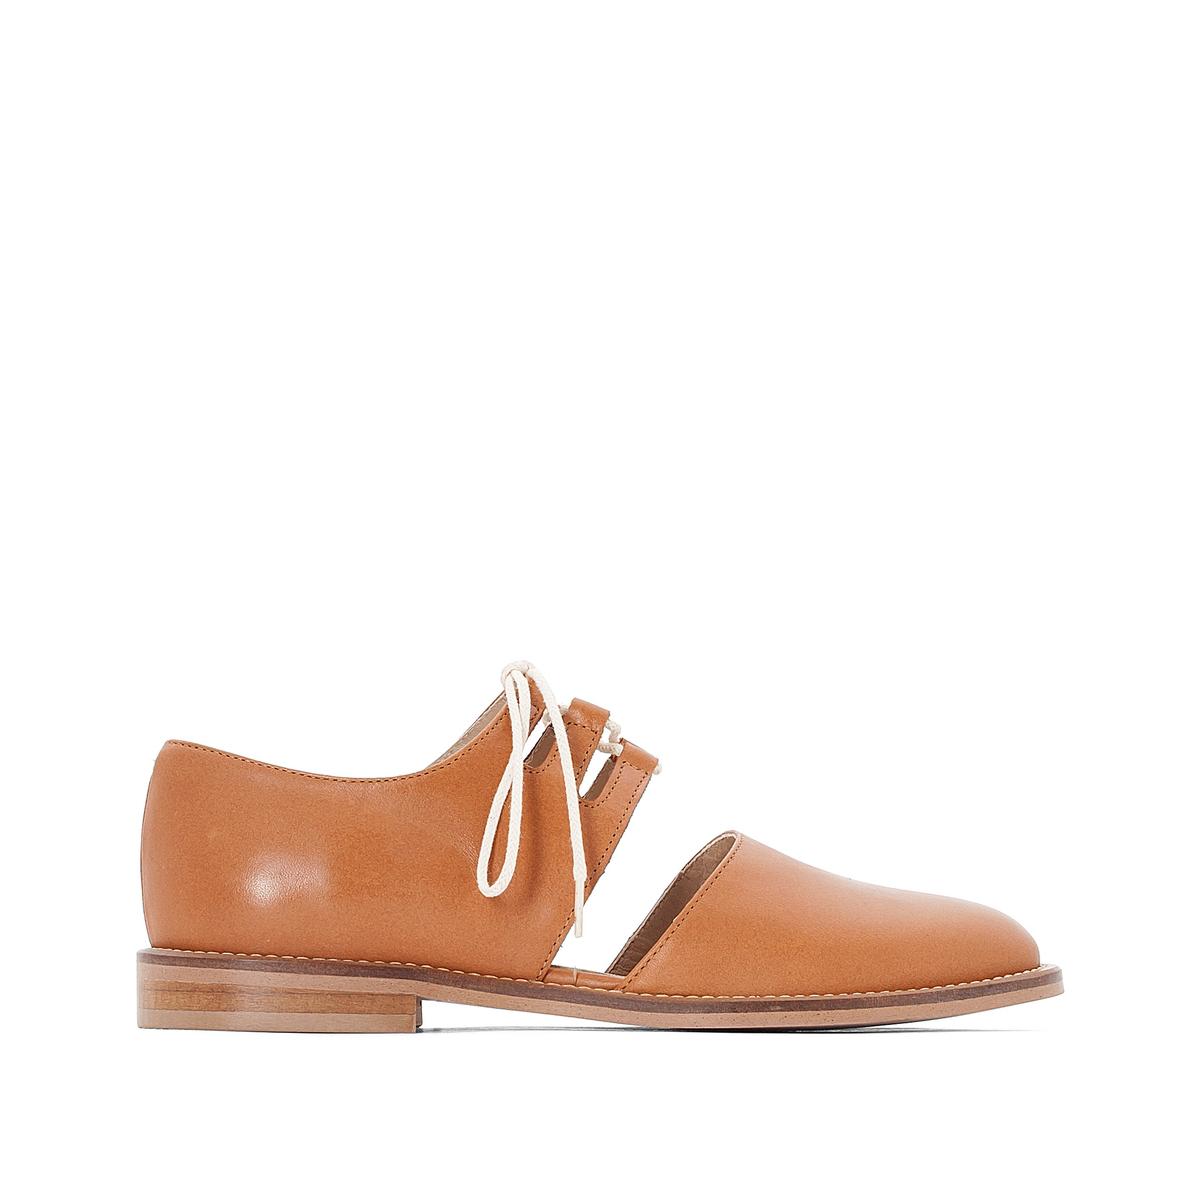 Ботинки-дерби кожаные DaironВерх : кожа   Подкладка : кожа   Стелька : кожа   Подошва : эластомер   Высота каблука : 1 см   Форма каблука : плоский каблук   Мысок : закругленный мысок   Застежка : шнуровка<br><br>Цвет: коньячный,черный